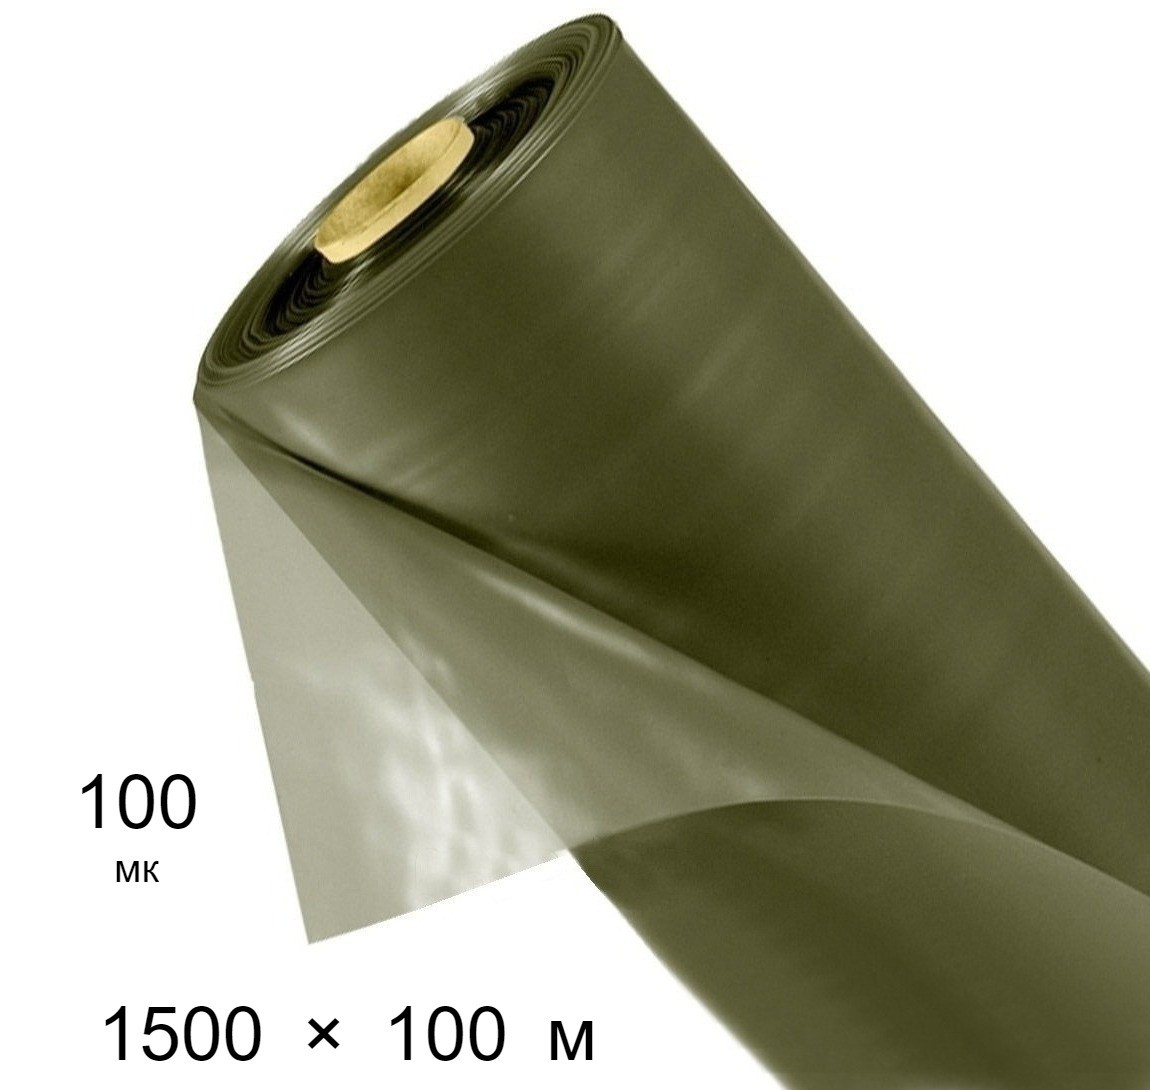 Пленка строительная 100 мкм - 1500 мм × 100 м